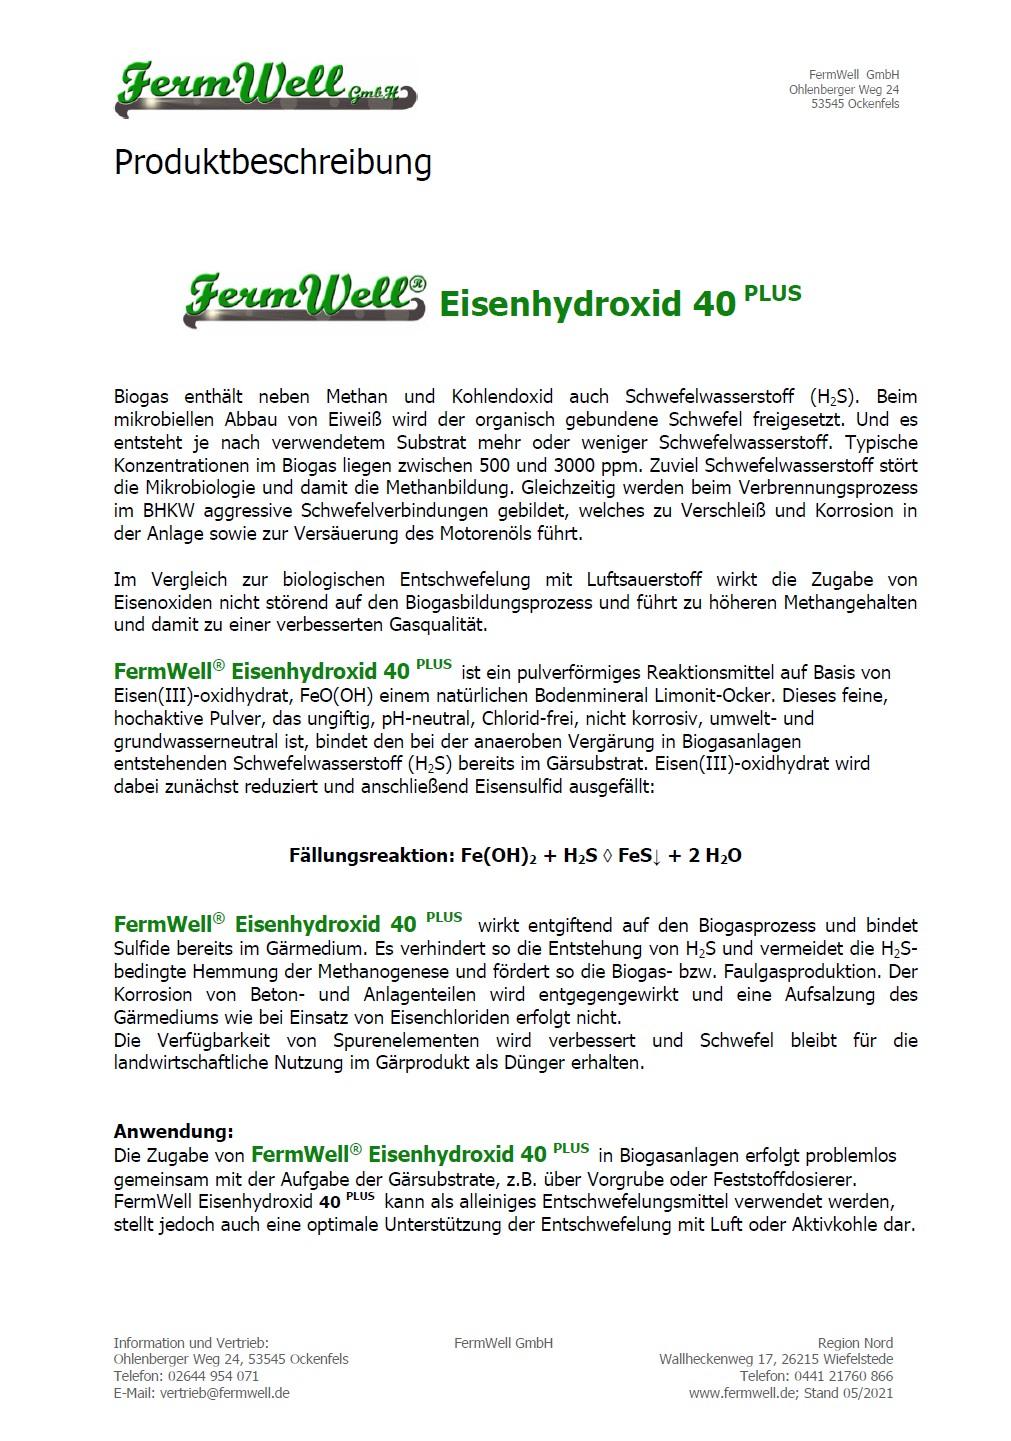 produktbeschreibung_eisenhydroxid_40_1.j